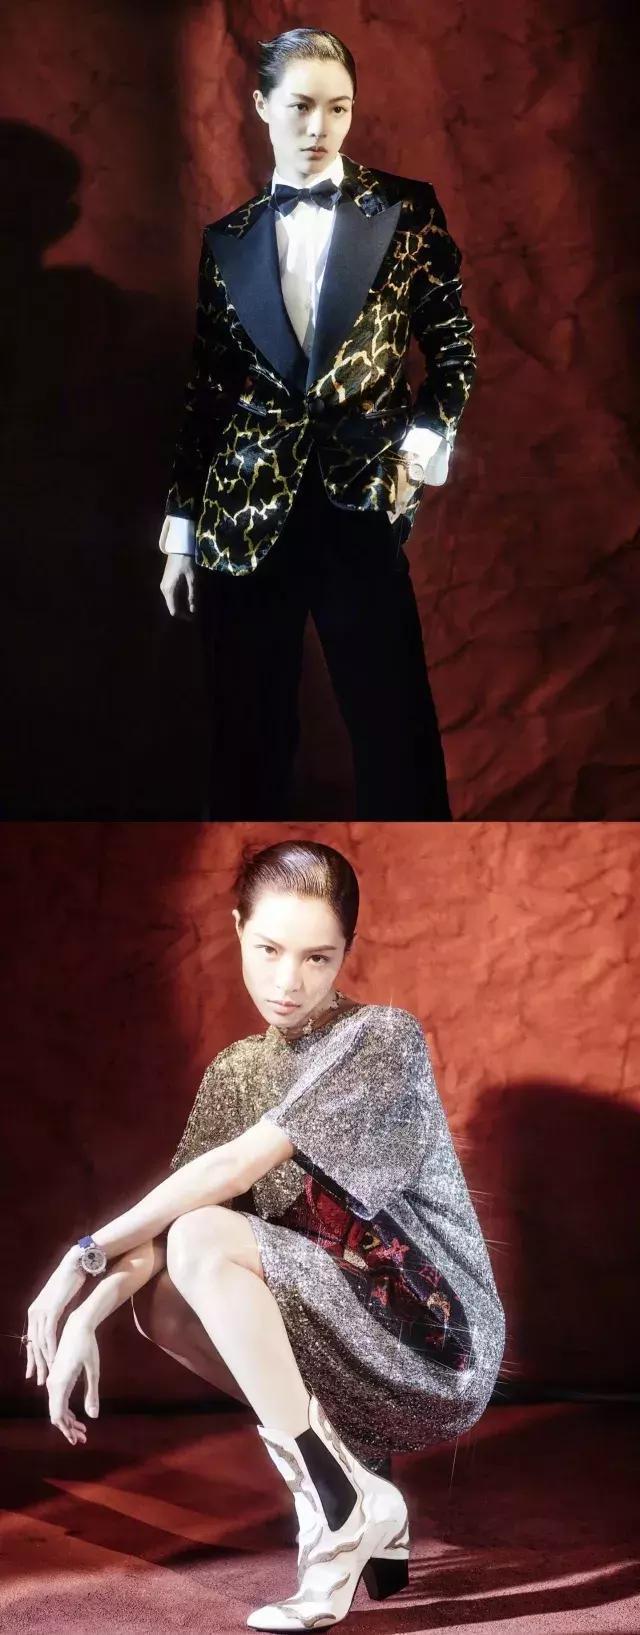 """我要夏天女主角_把""""野心和我要红""""写在脸上的钟楚曦,成龙也看中她选她当女主角"""